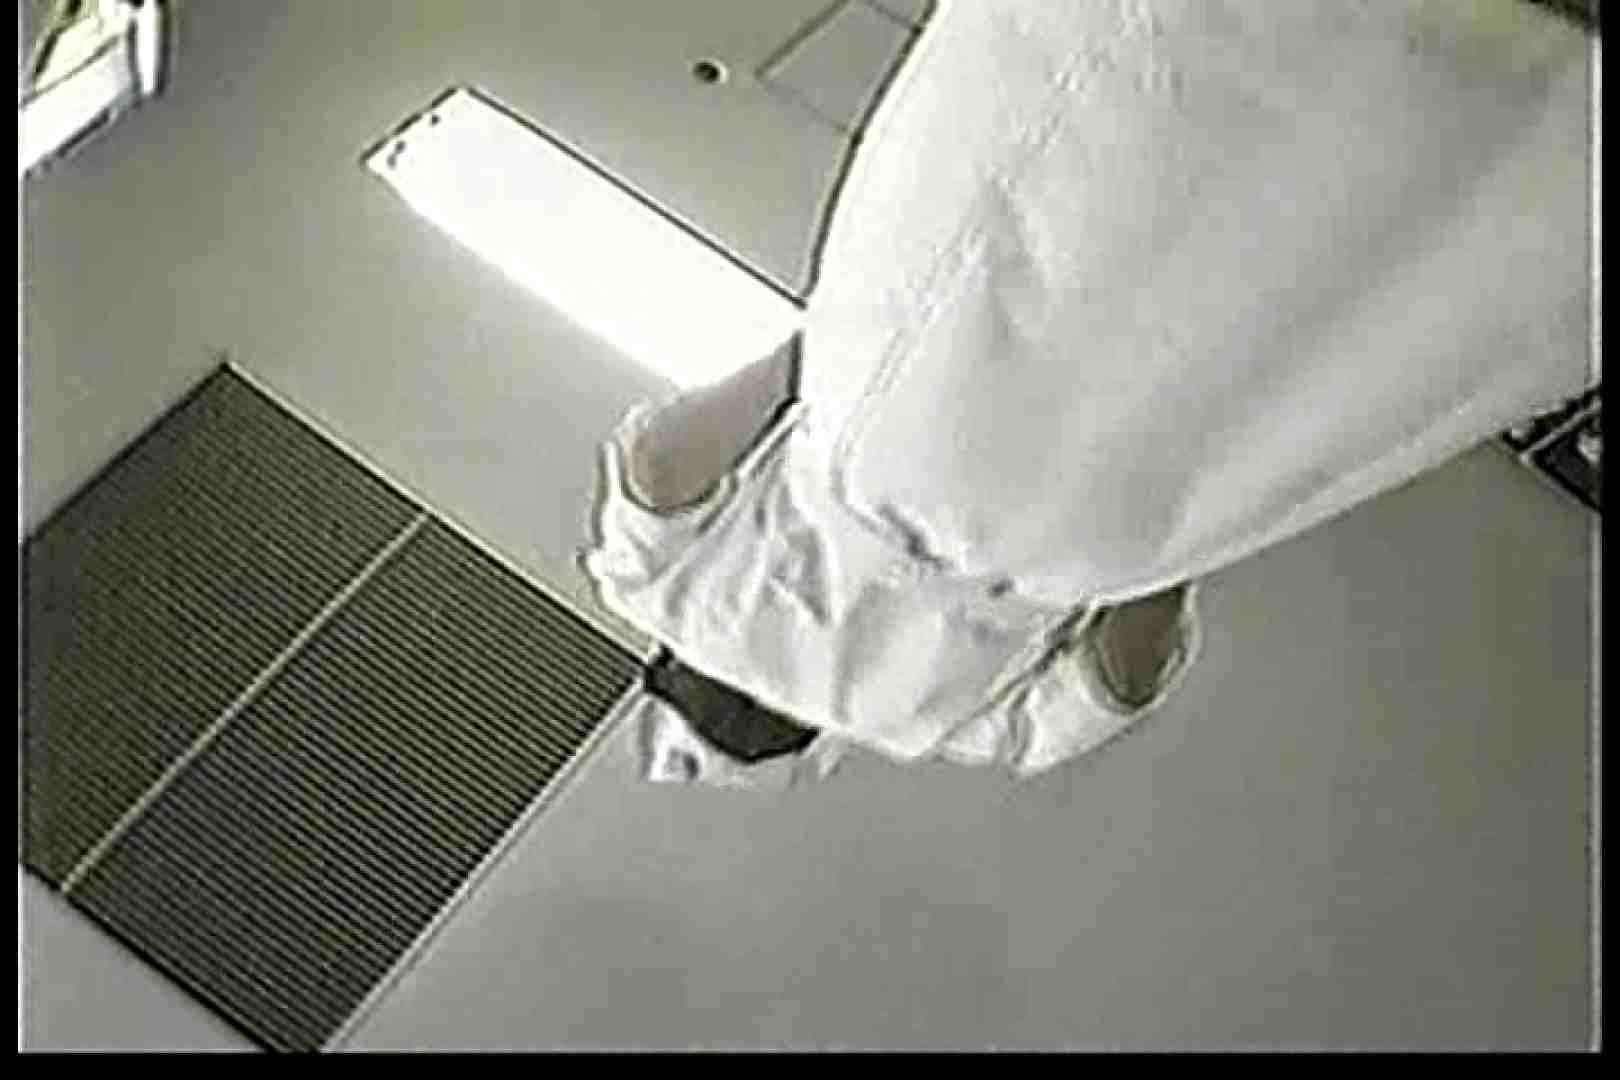 院内密着!看護婦達の下半身事情Vol.2 盗撮特集 のぞき動画キャプチャ 79画像 27